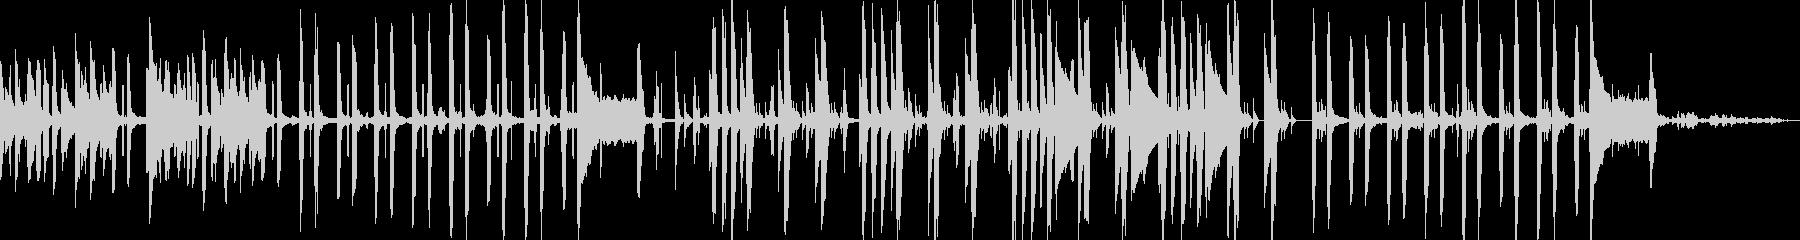 子どもの声とピアノ楽しげなミニマルBGMの未再生の波形